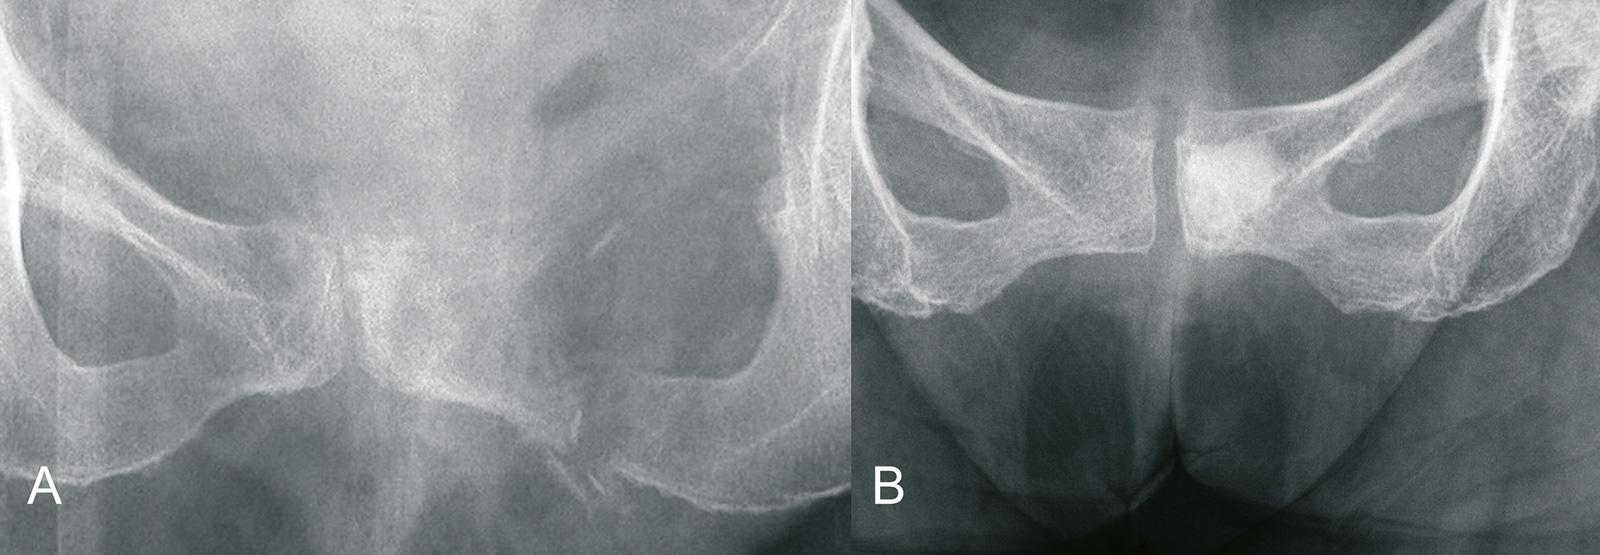 Abb. 8-78: Schambeinmetastase: osteolytisch (A), osteoblastisch (B) (Eigentum des Instituts für Klinische Radiologie der Universität Münster)